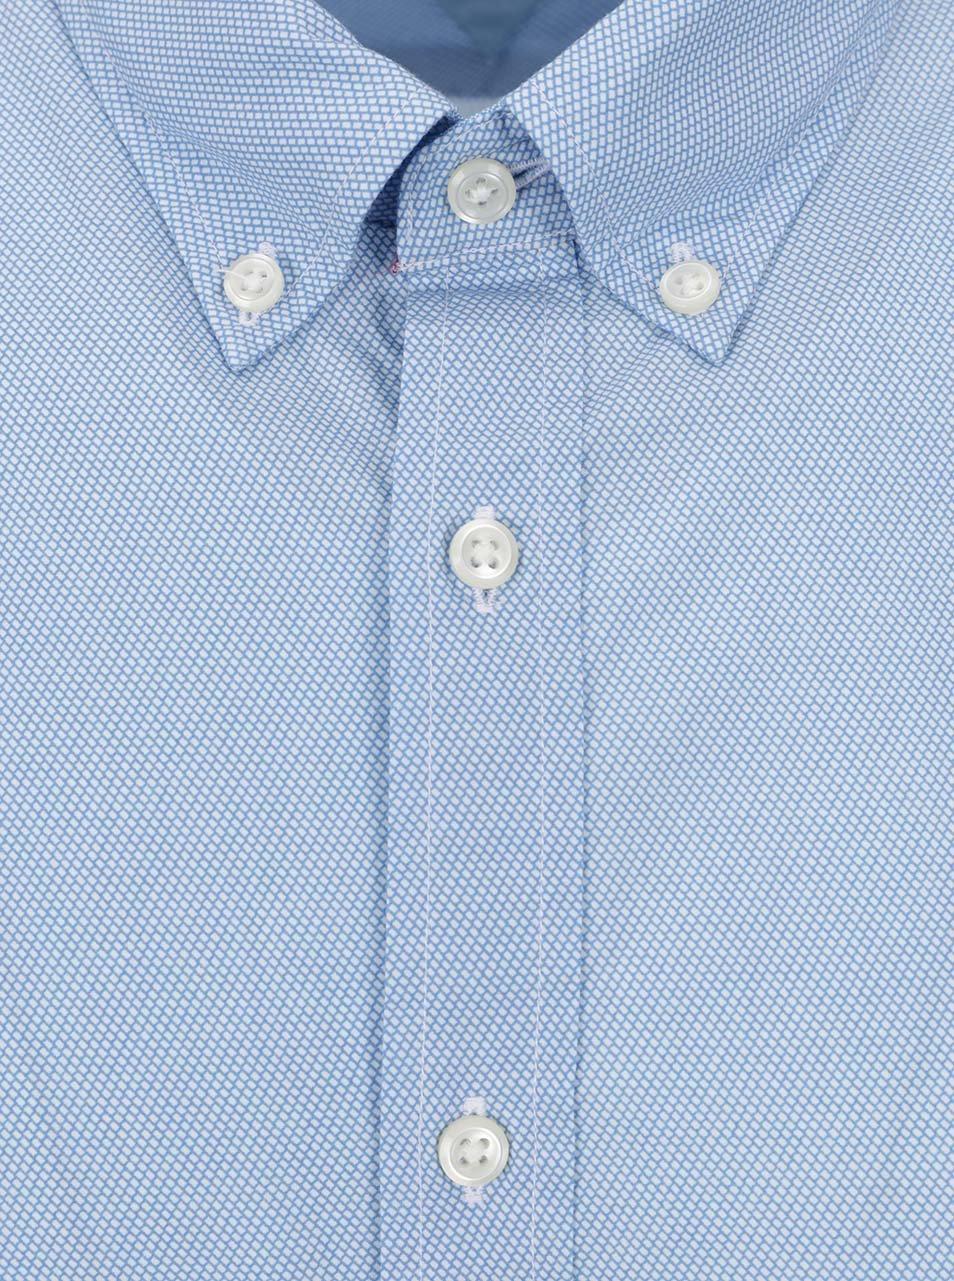 a9aeb7f2f98b Svetlomodrá pánska vzorovaná košeľa s krátkym rukávom Tommy Hilfiger ...